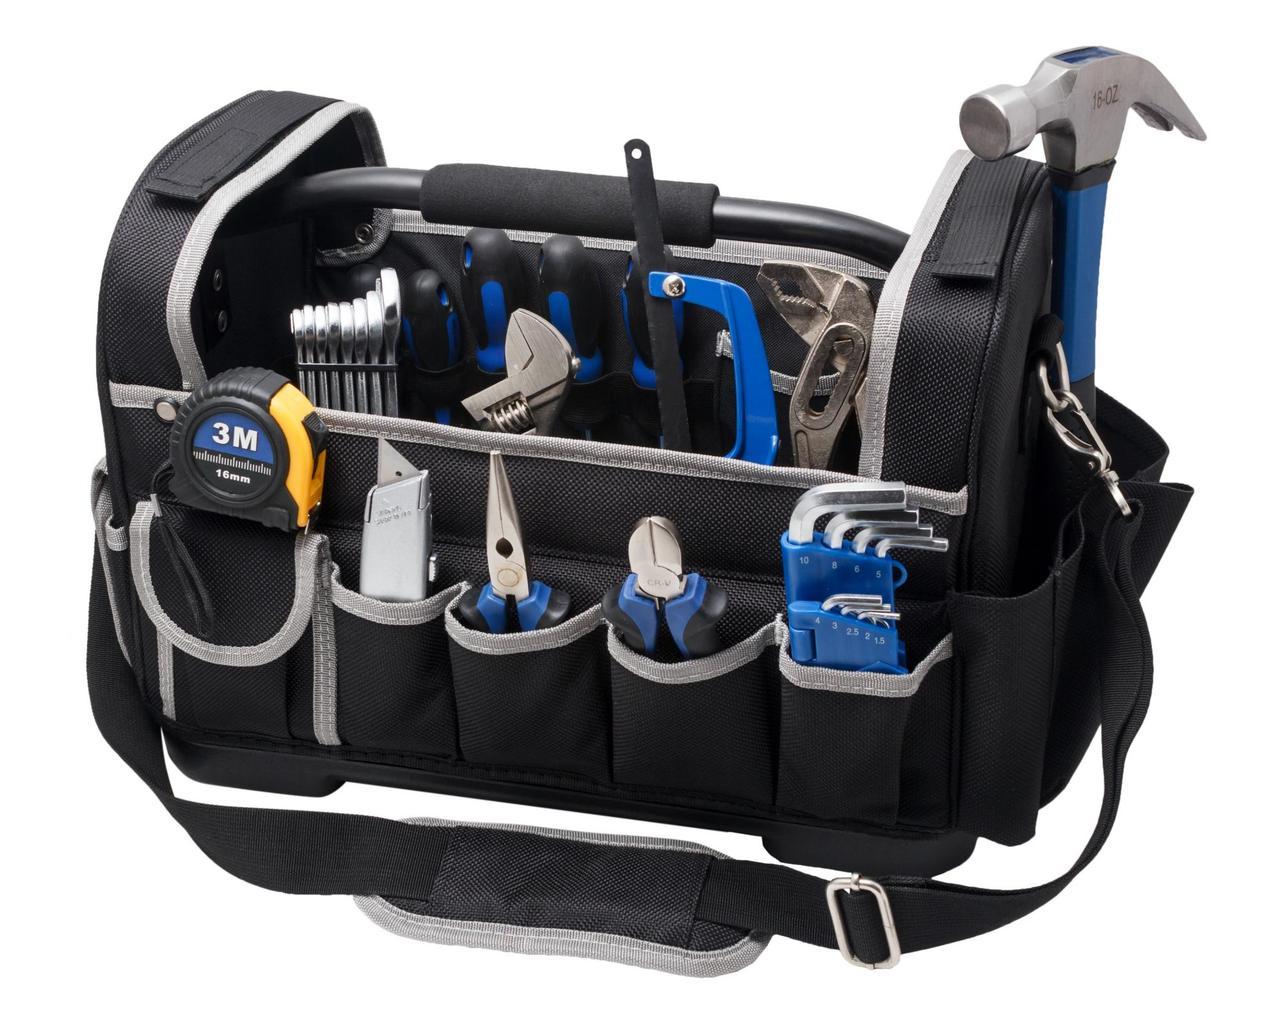 Partner Набор инструмента 63 предмета в сумке Partner PA-5063 4430